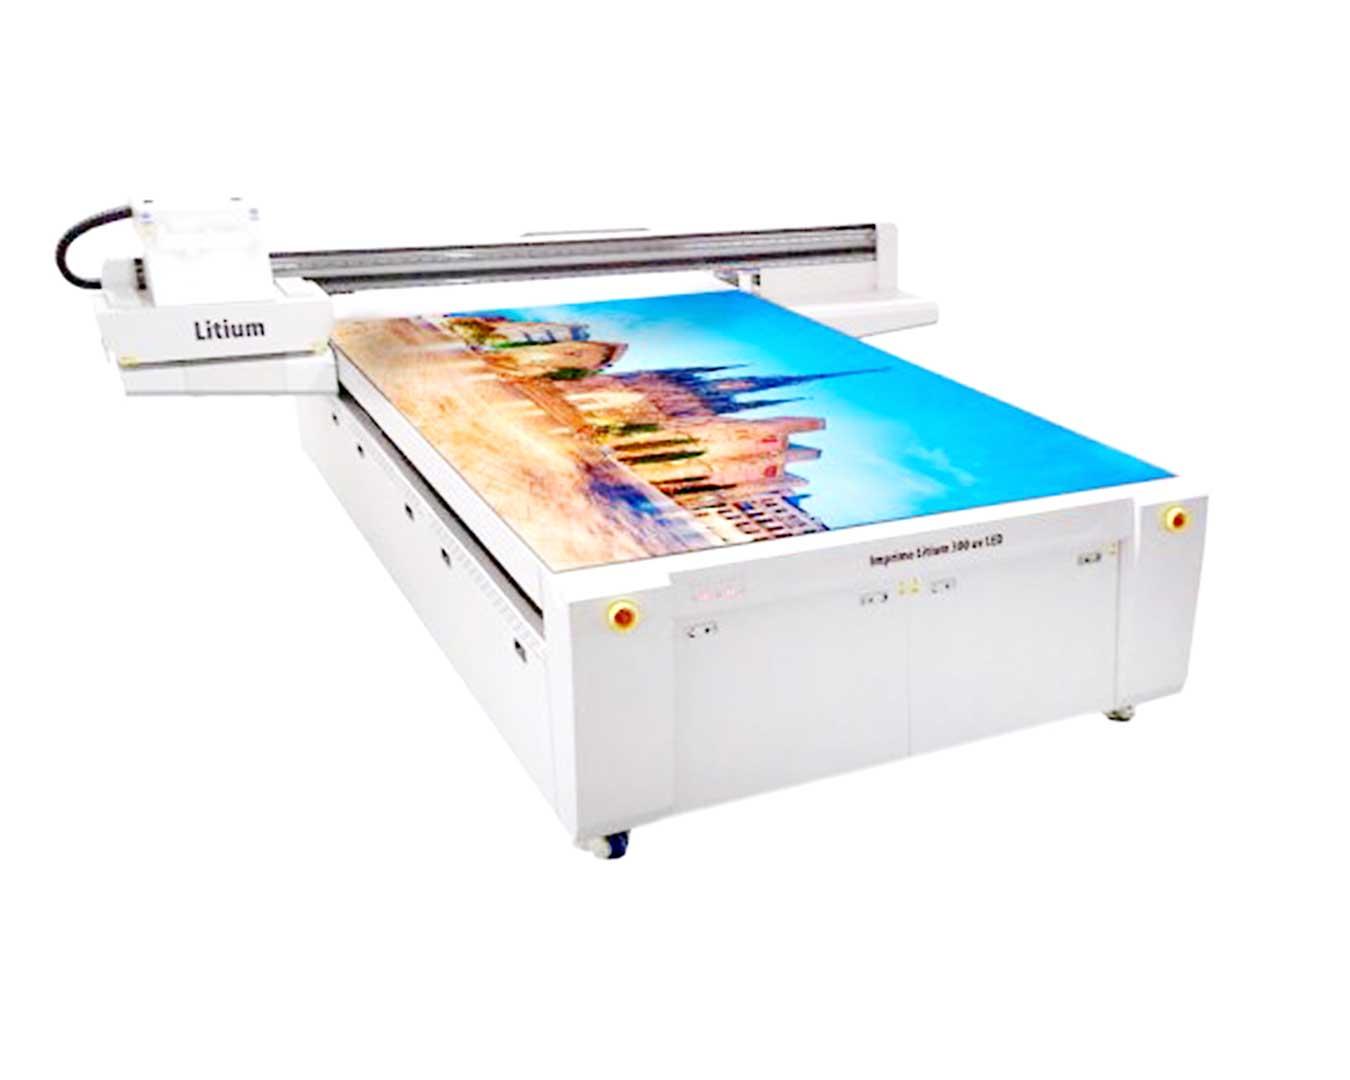 Impresora Litium 300